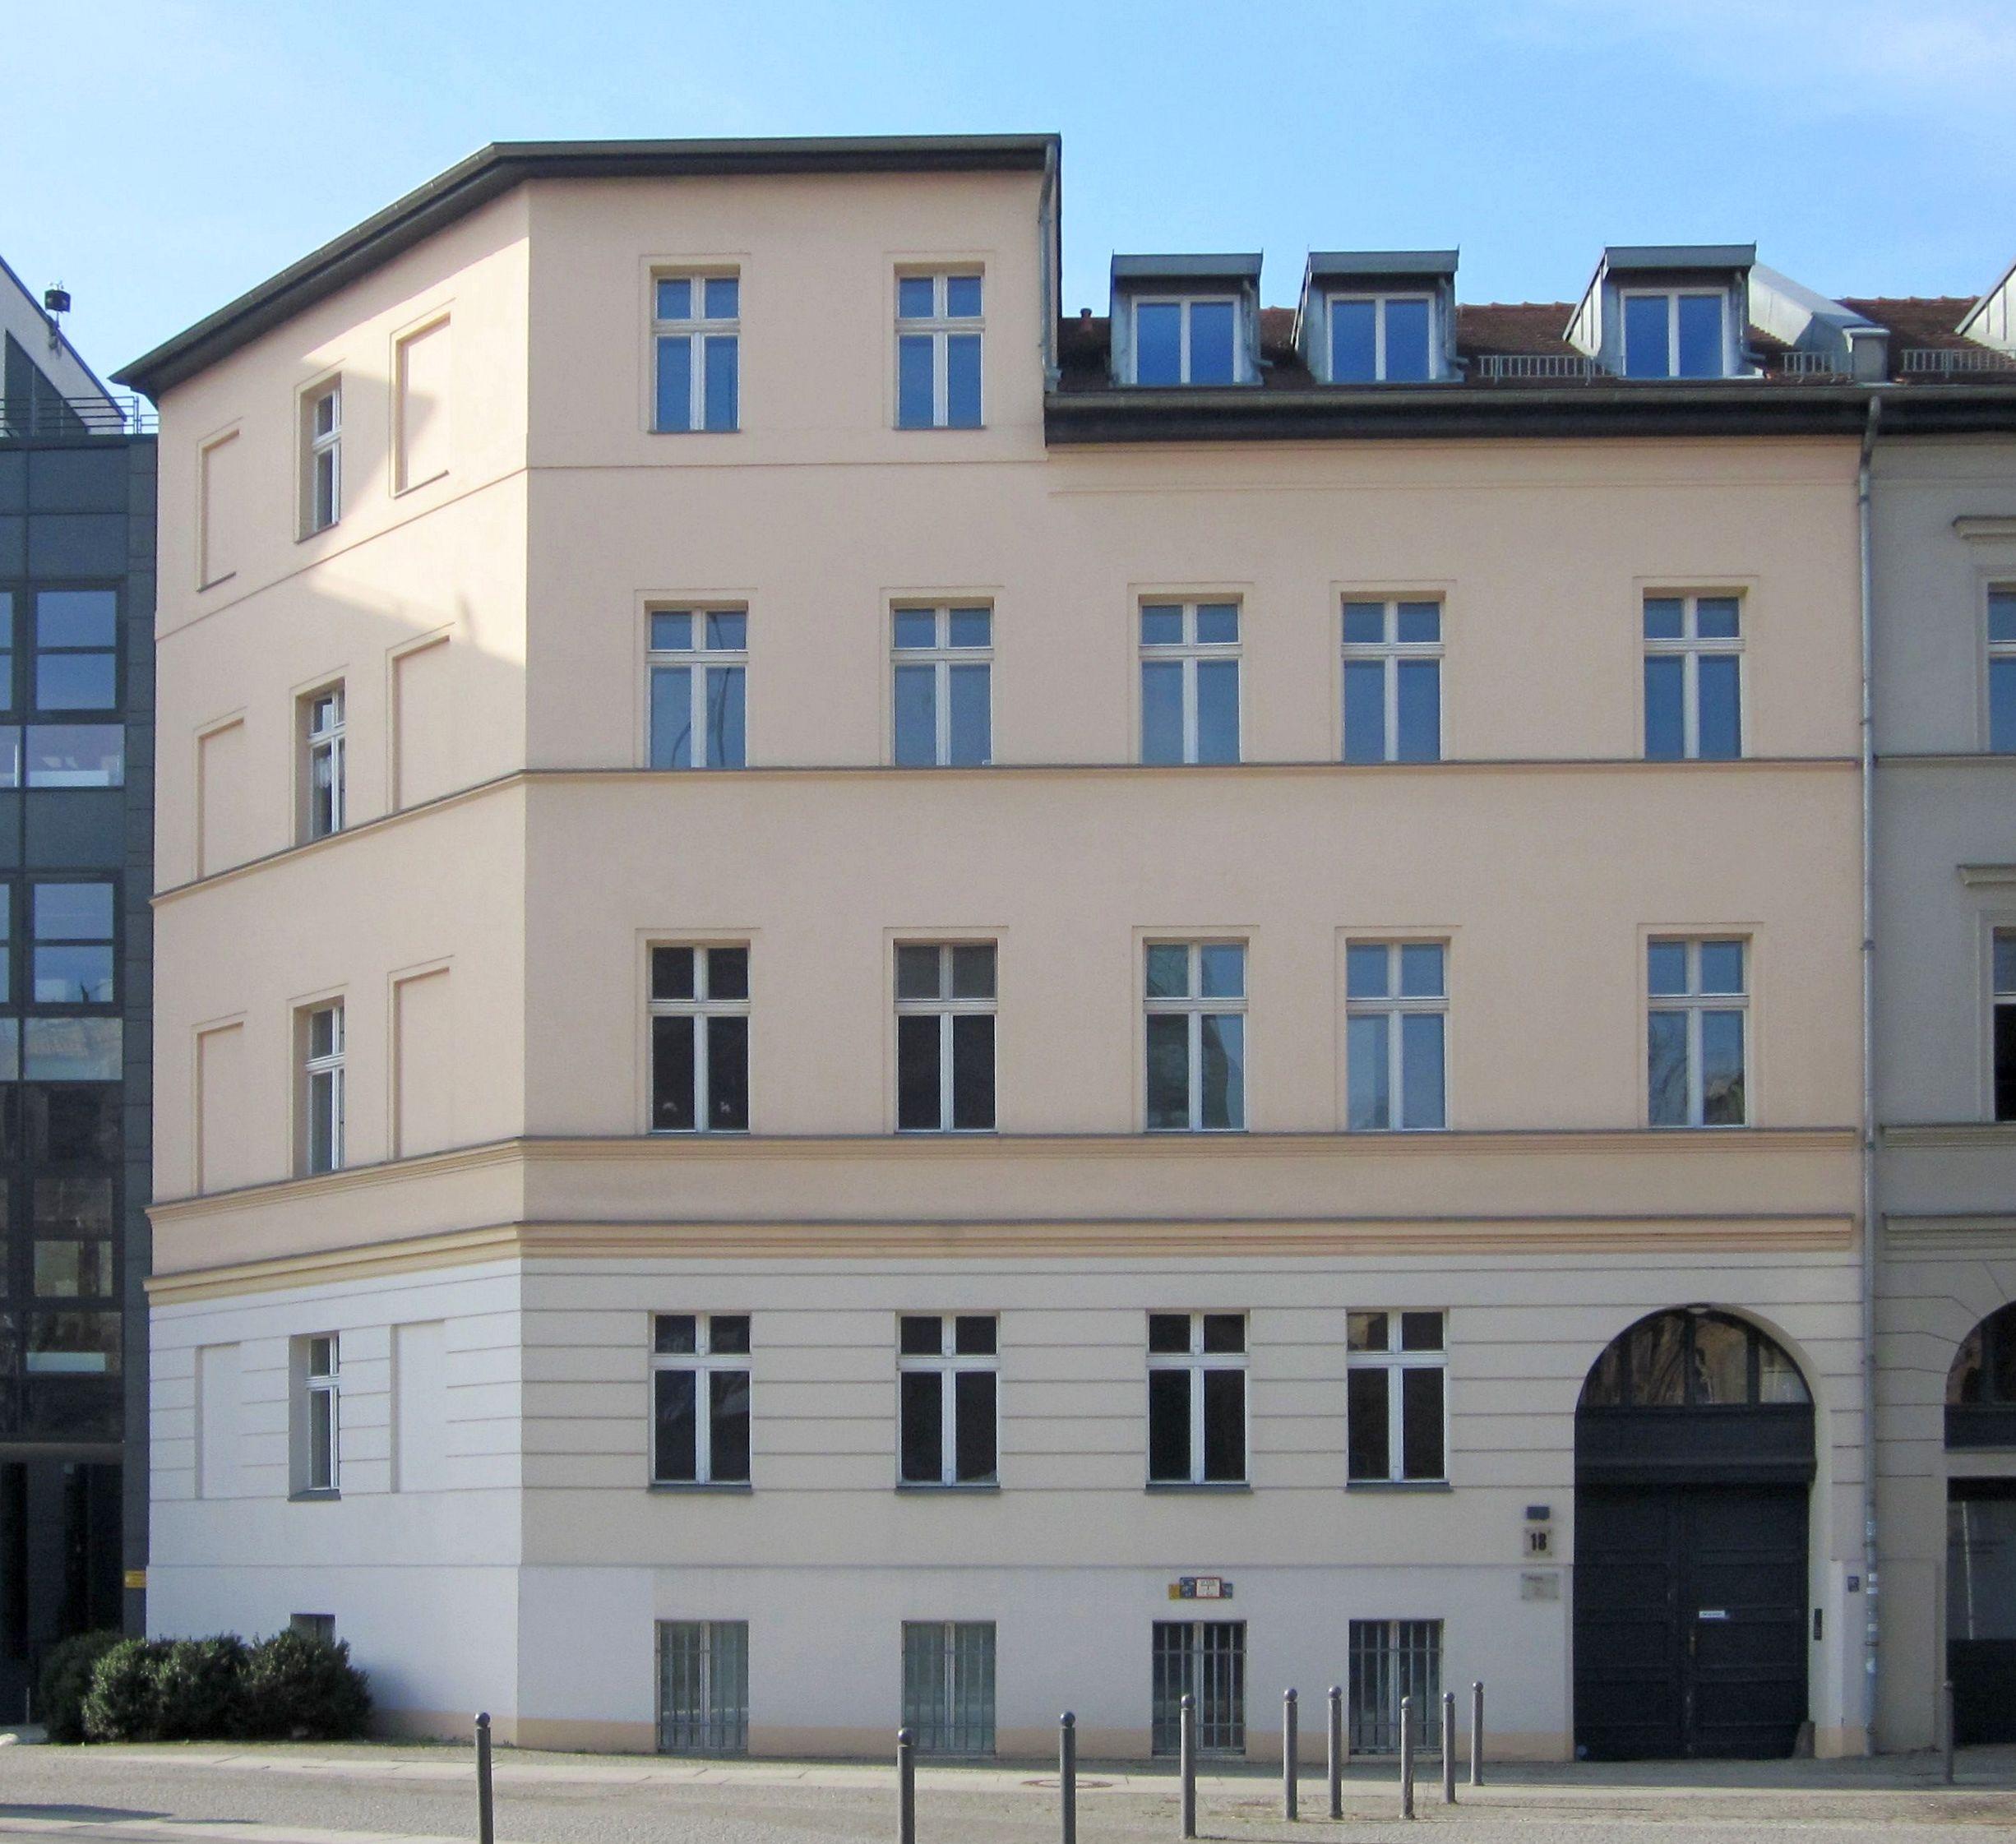 Hannoversche Straße Berlin